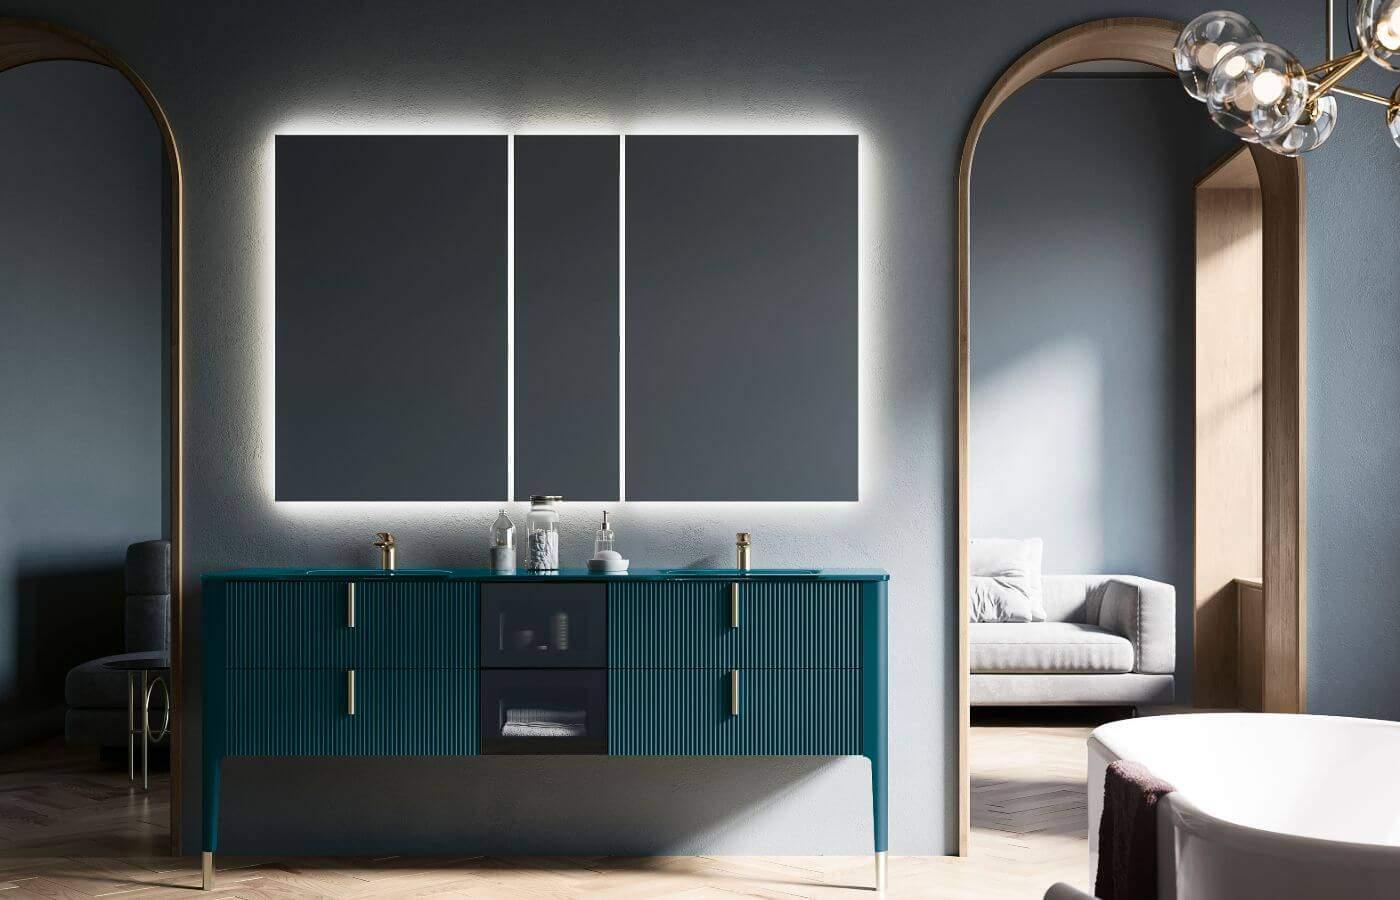 bagni-collezione-vertigo-art-il-mobile (1)